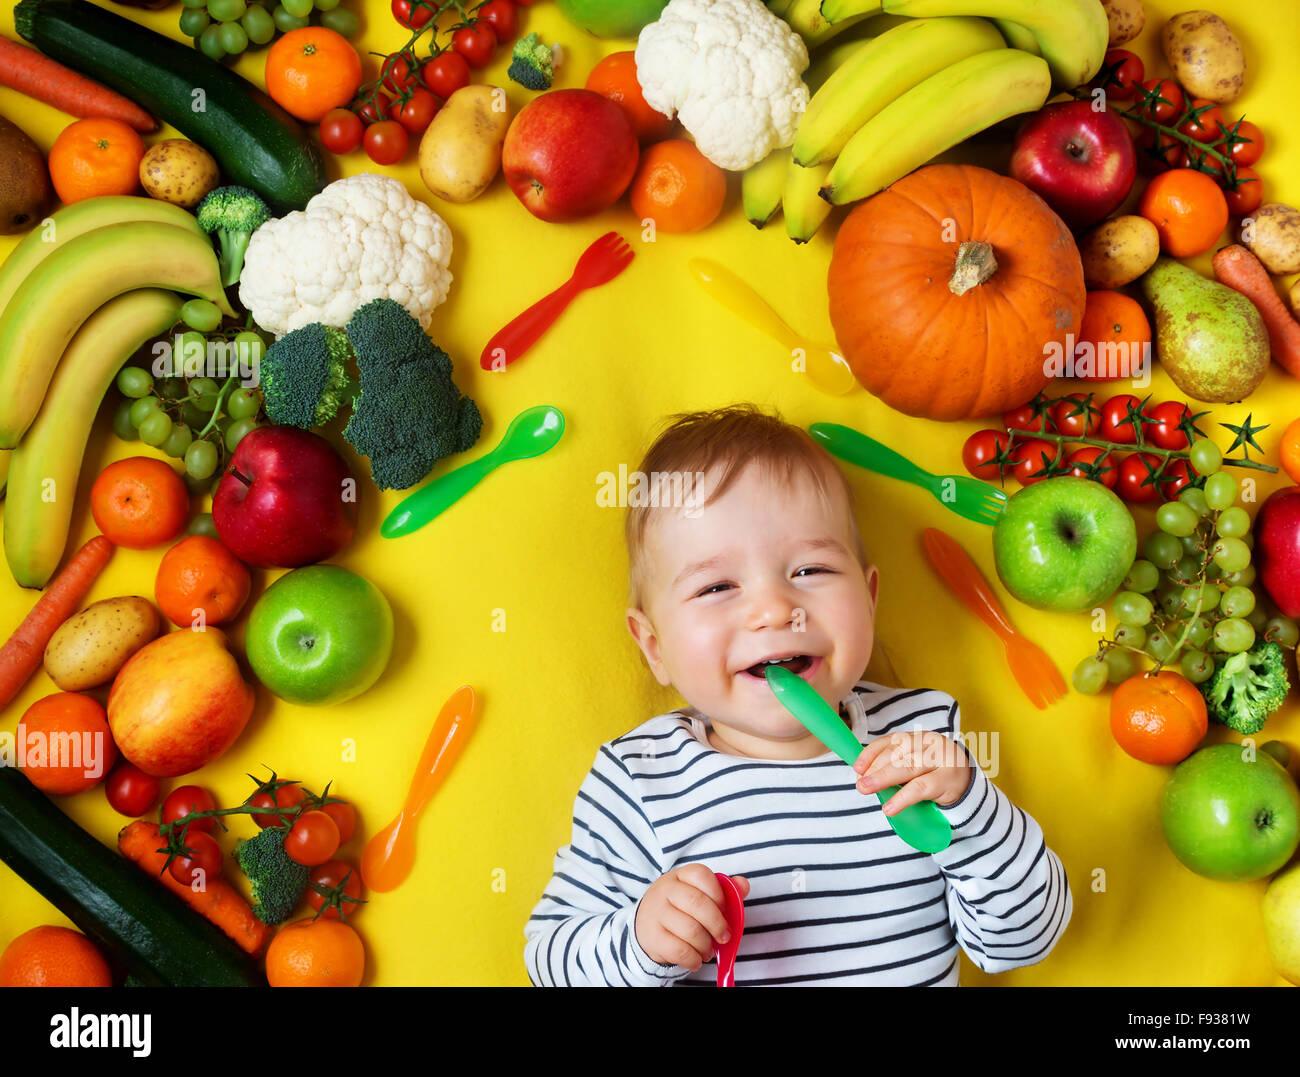 Entouré de bébé avec des fruits et légumes Photo Stock